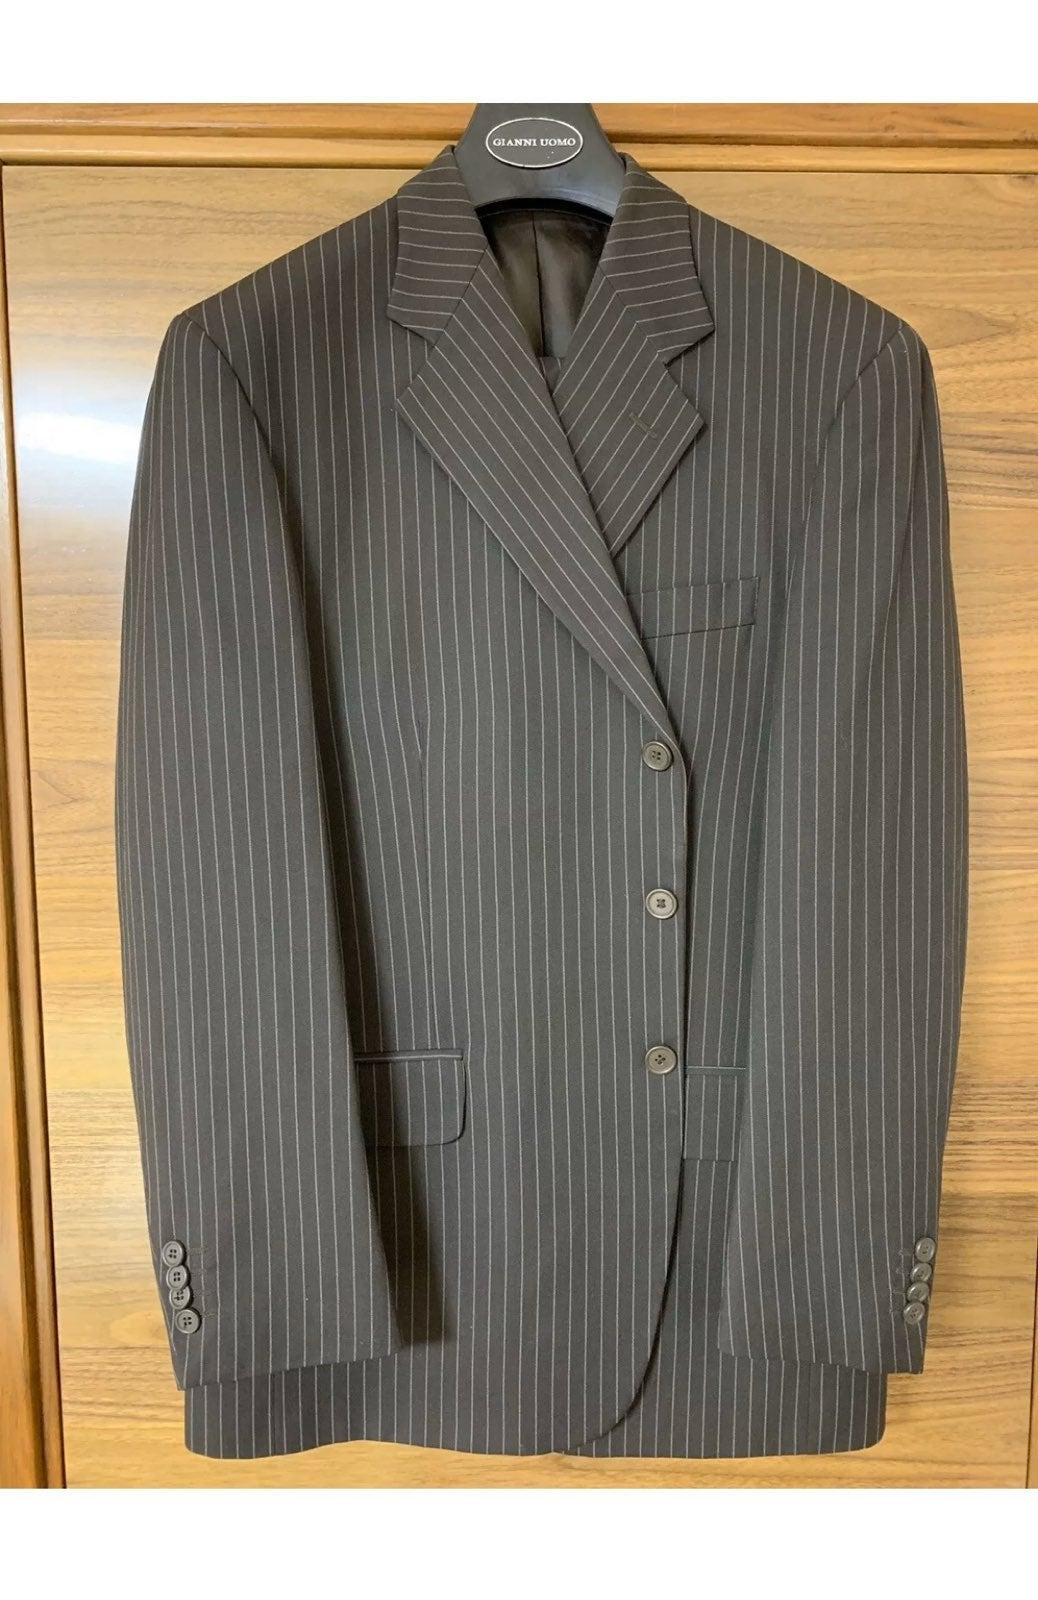 Gianni Uomo, Brown White Striped Suit